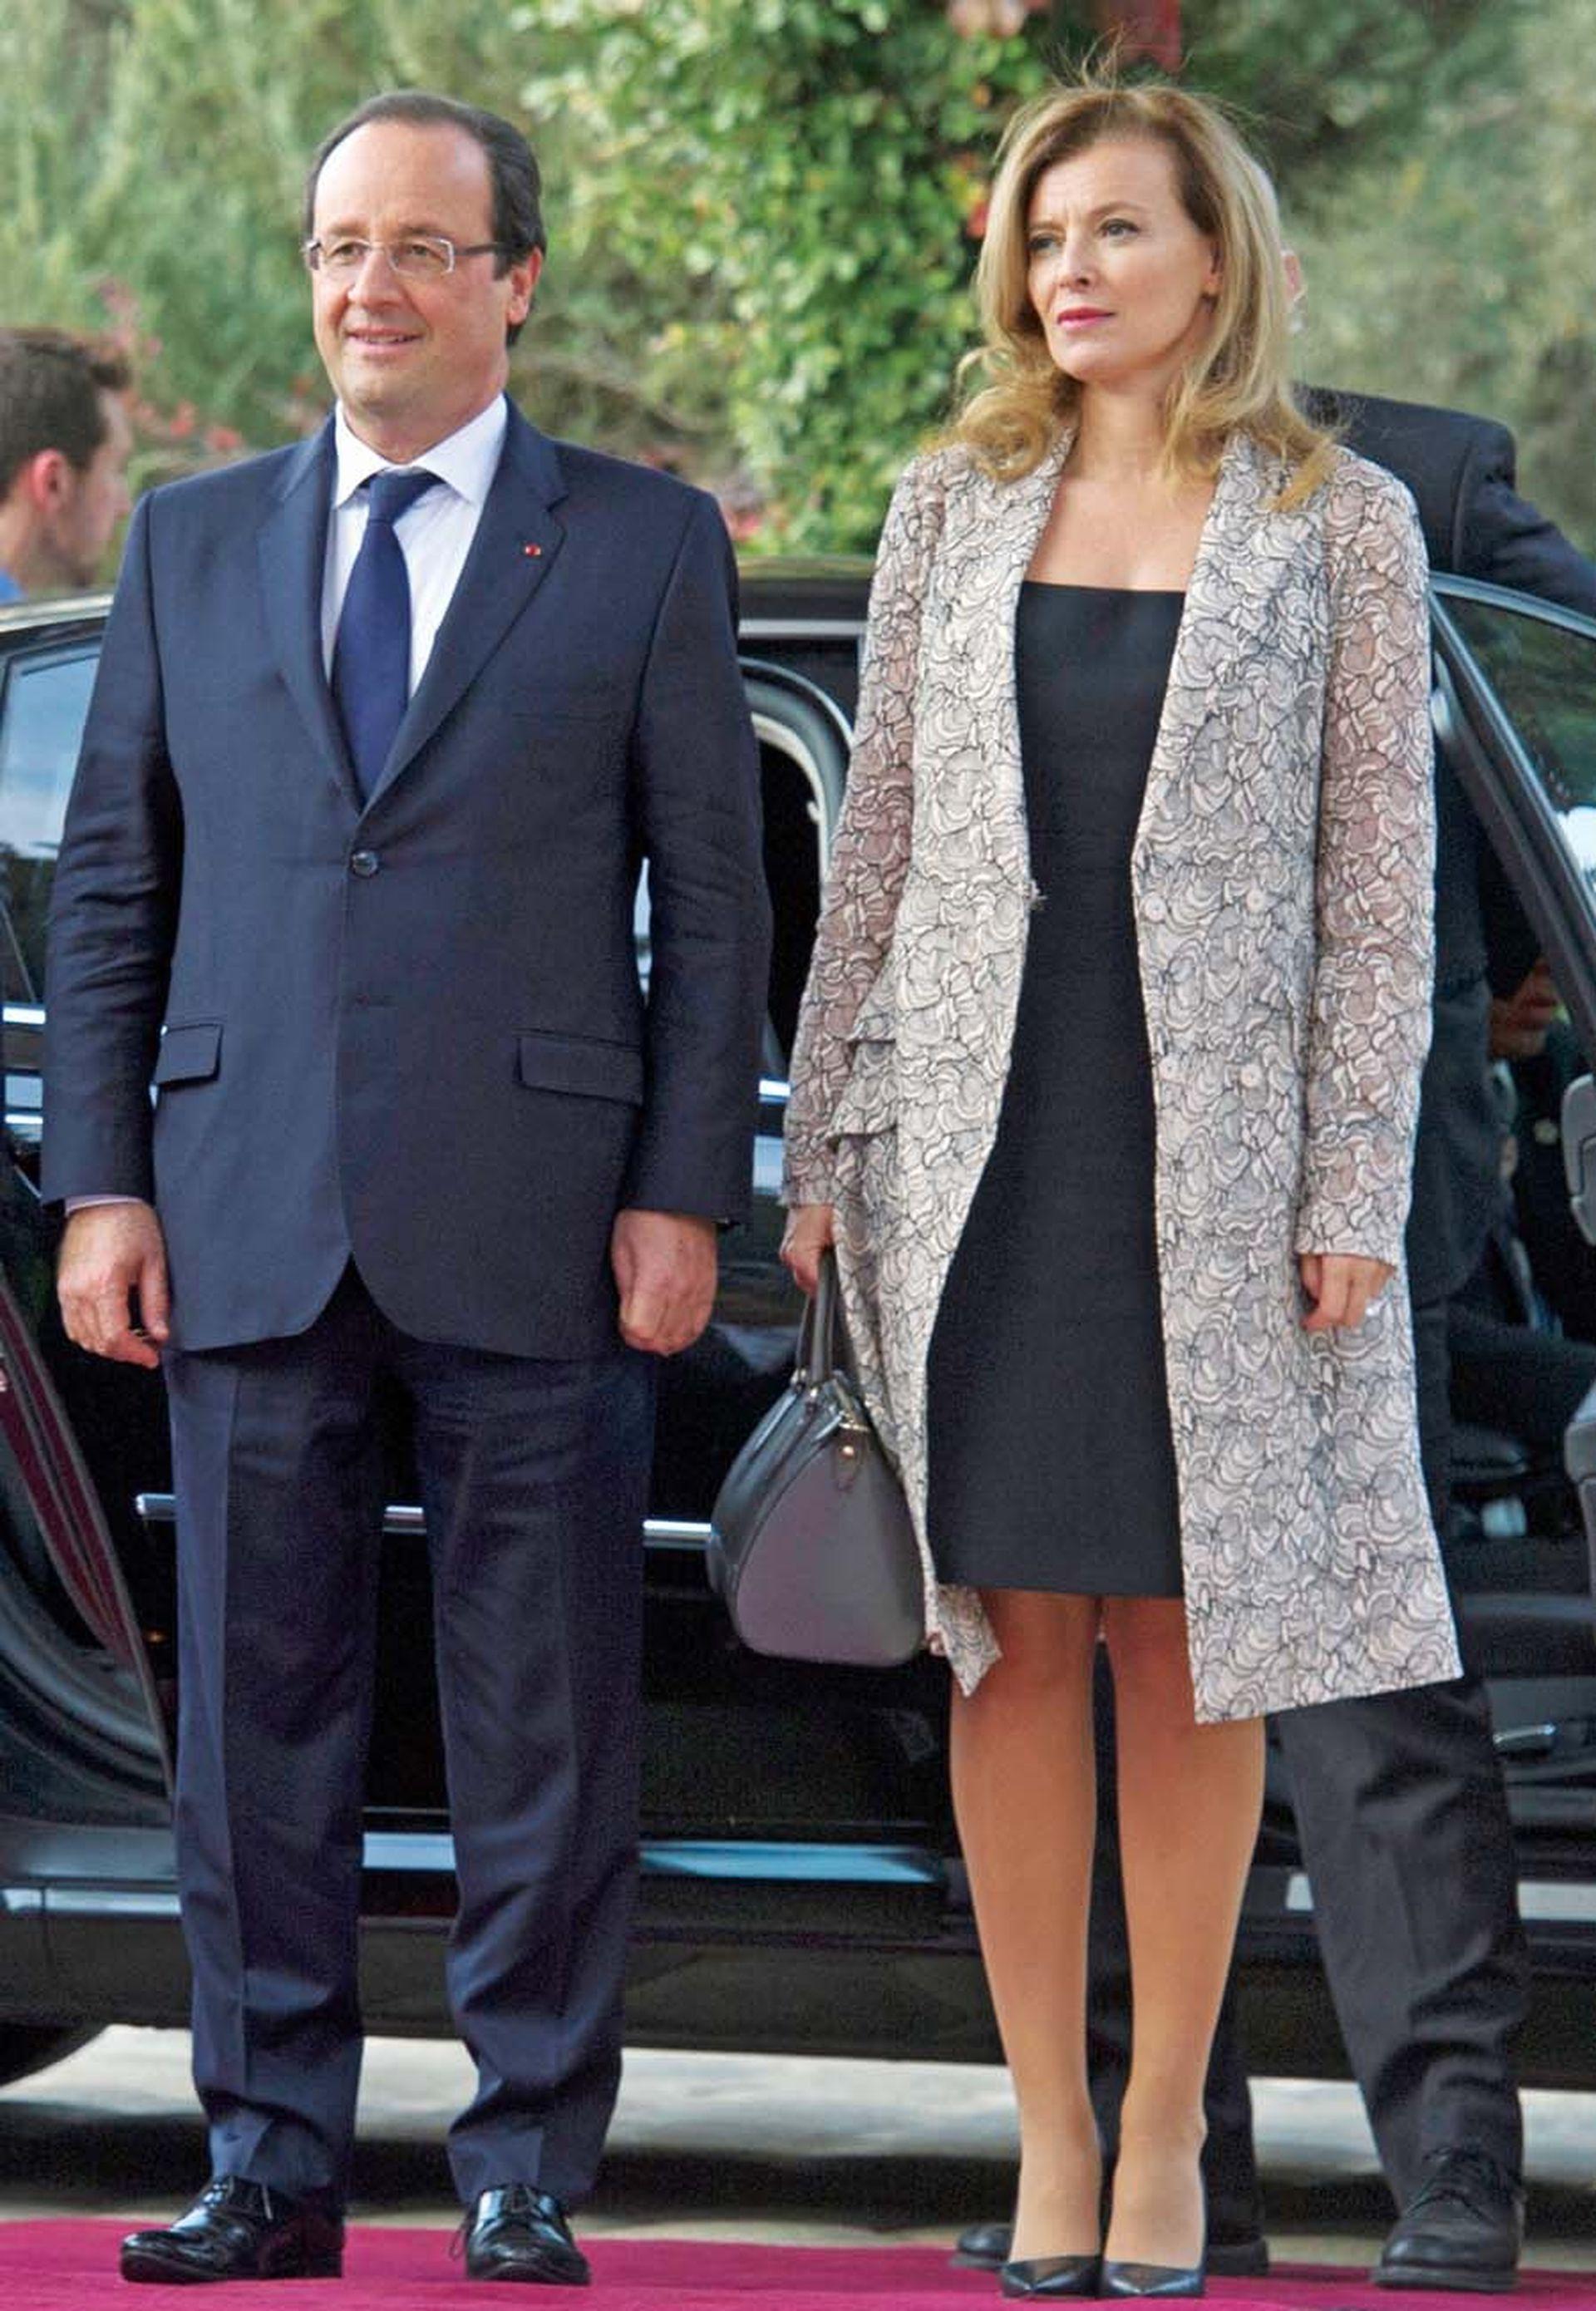 Valérie Trierwiler fue la mujer con quien Hollande entró al Elíseo. La periodista fue su compañera durante ocho años.